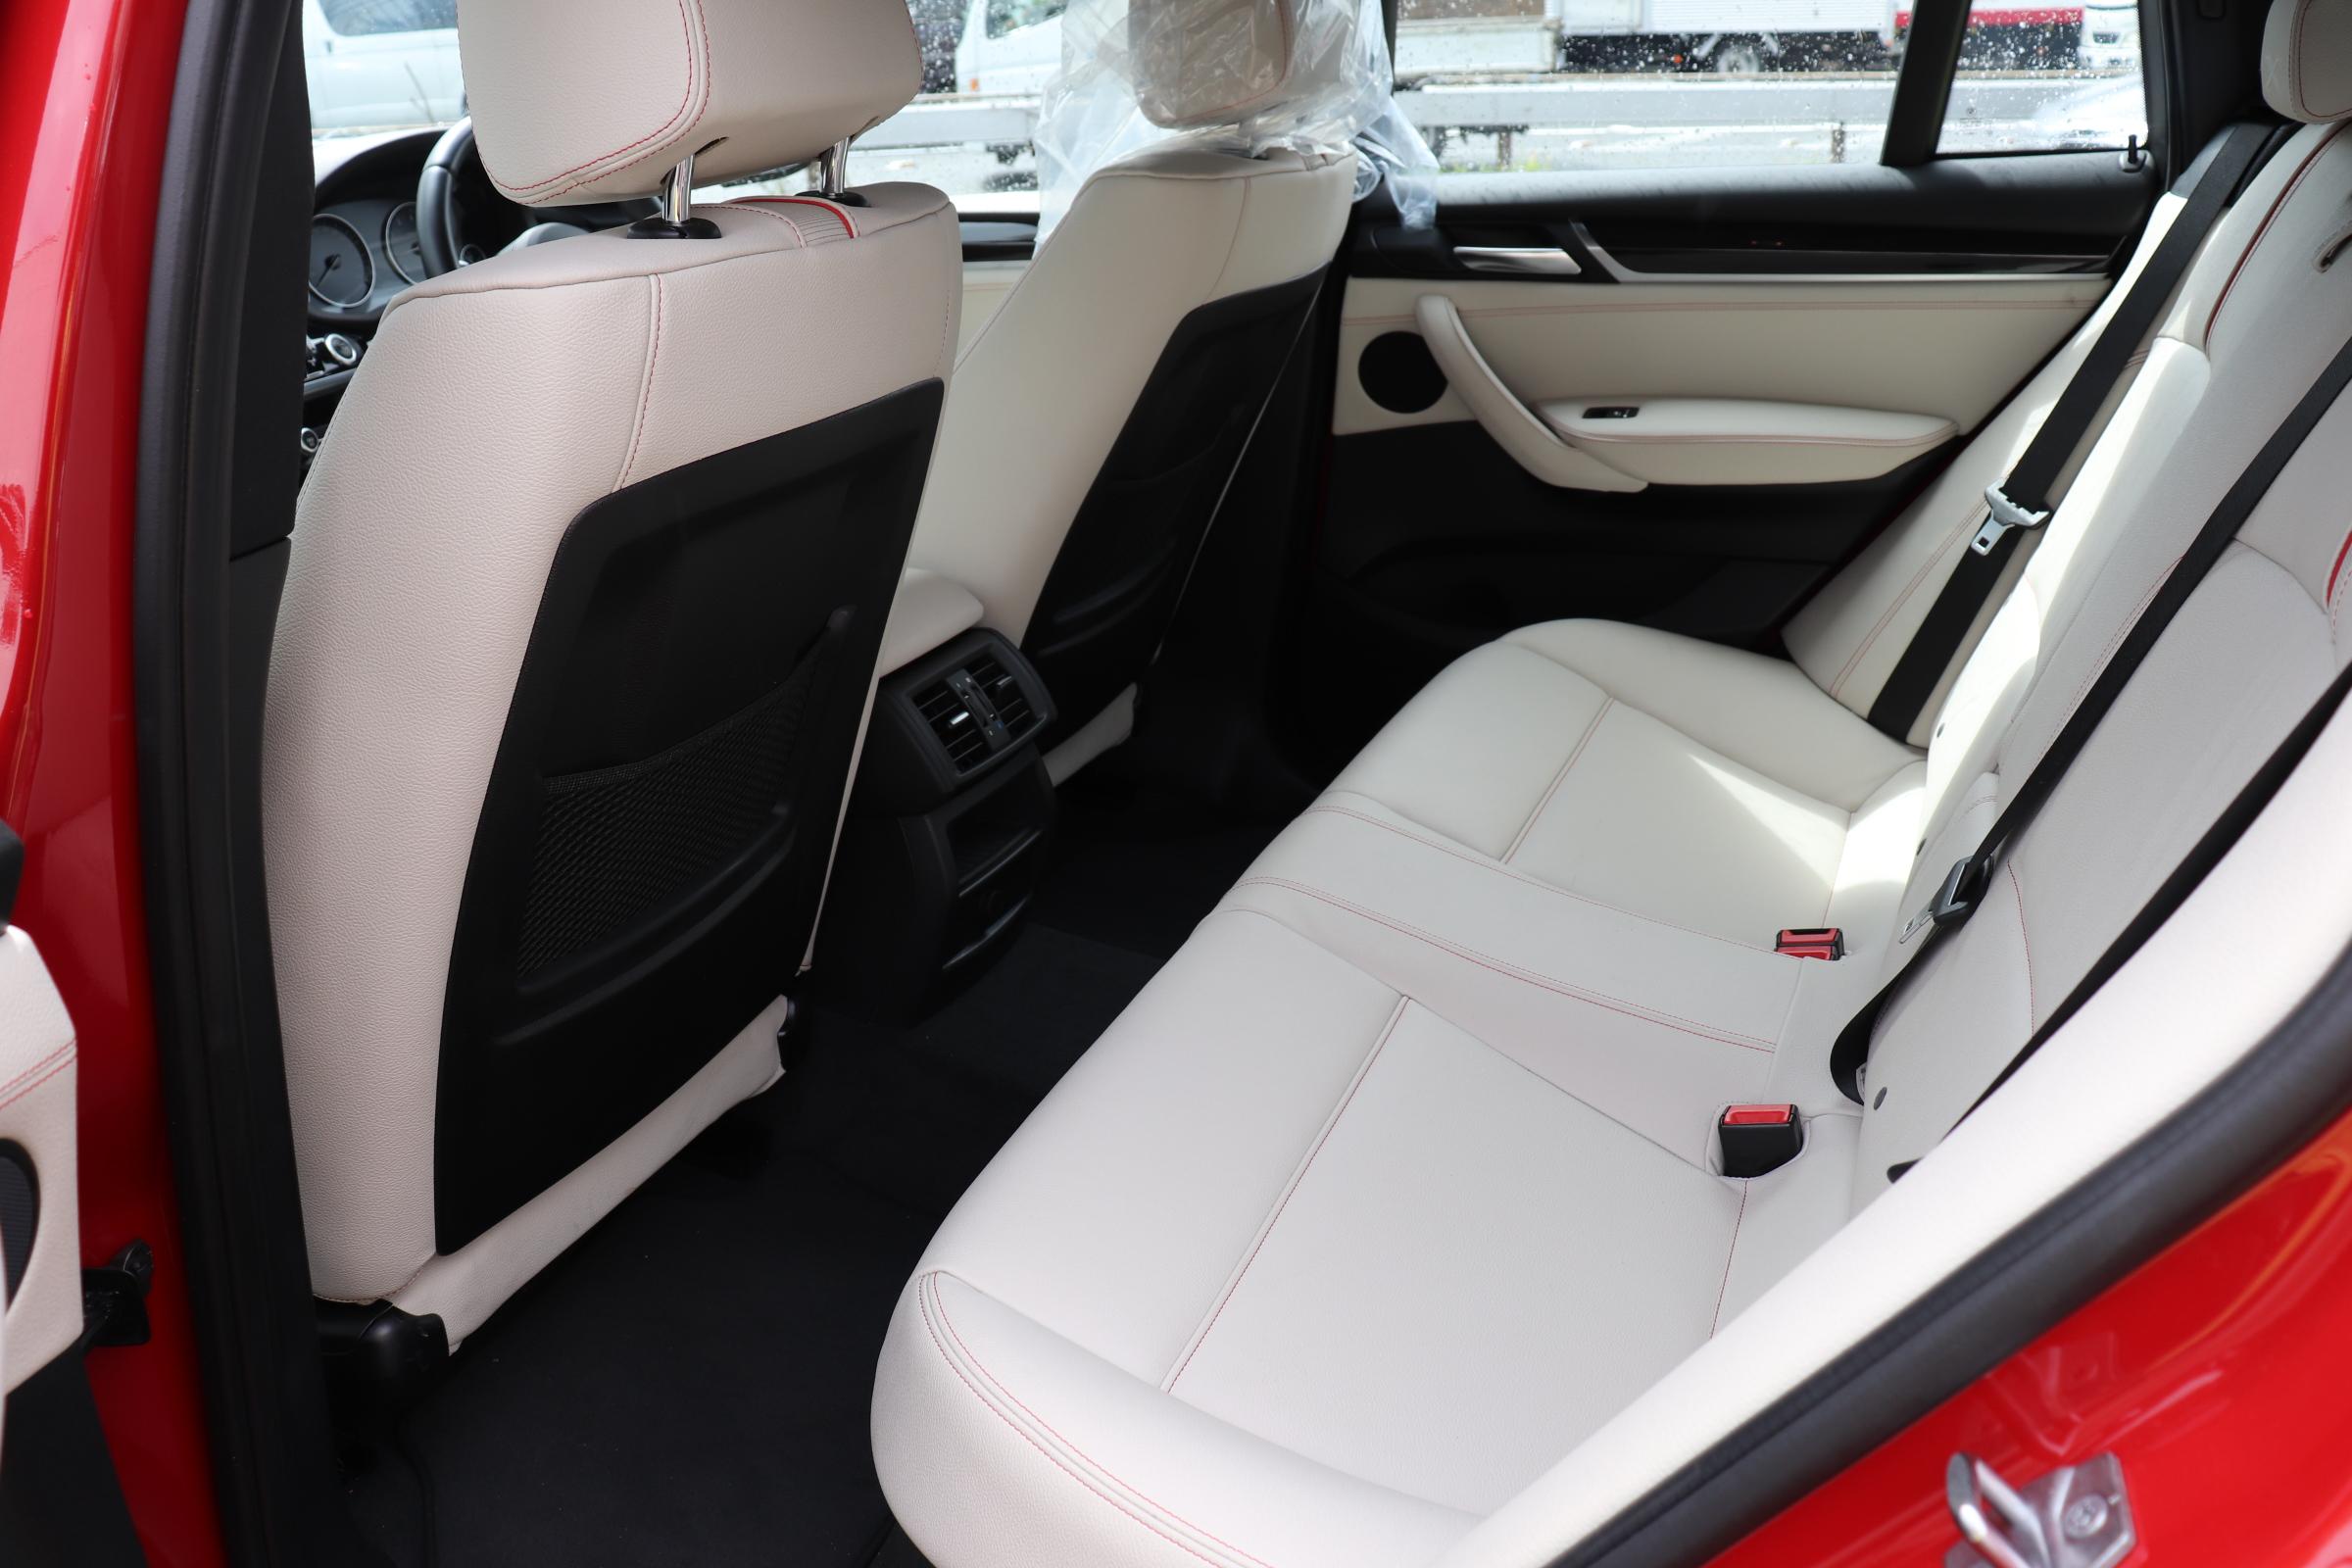 X4 xDrive 28i Mスポーツ 4WD 20インチACCレーンチェンジW LEDヘッド Mスポステア車両画像14